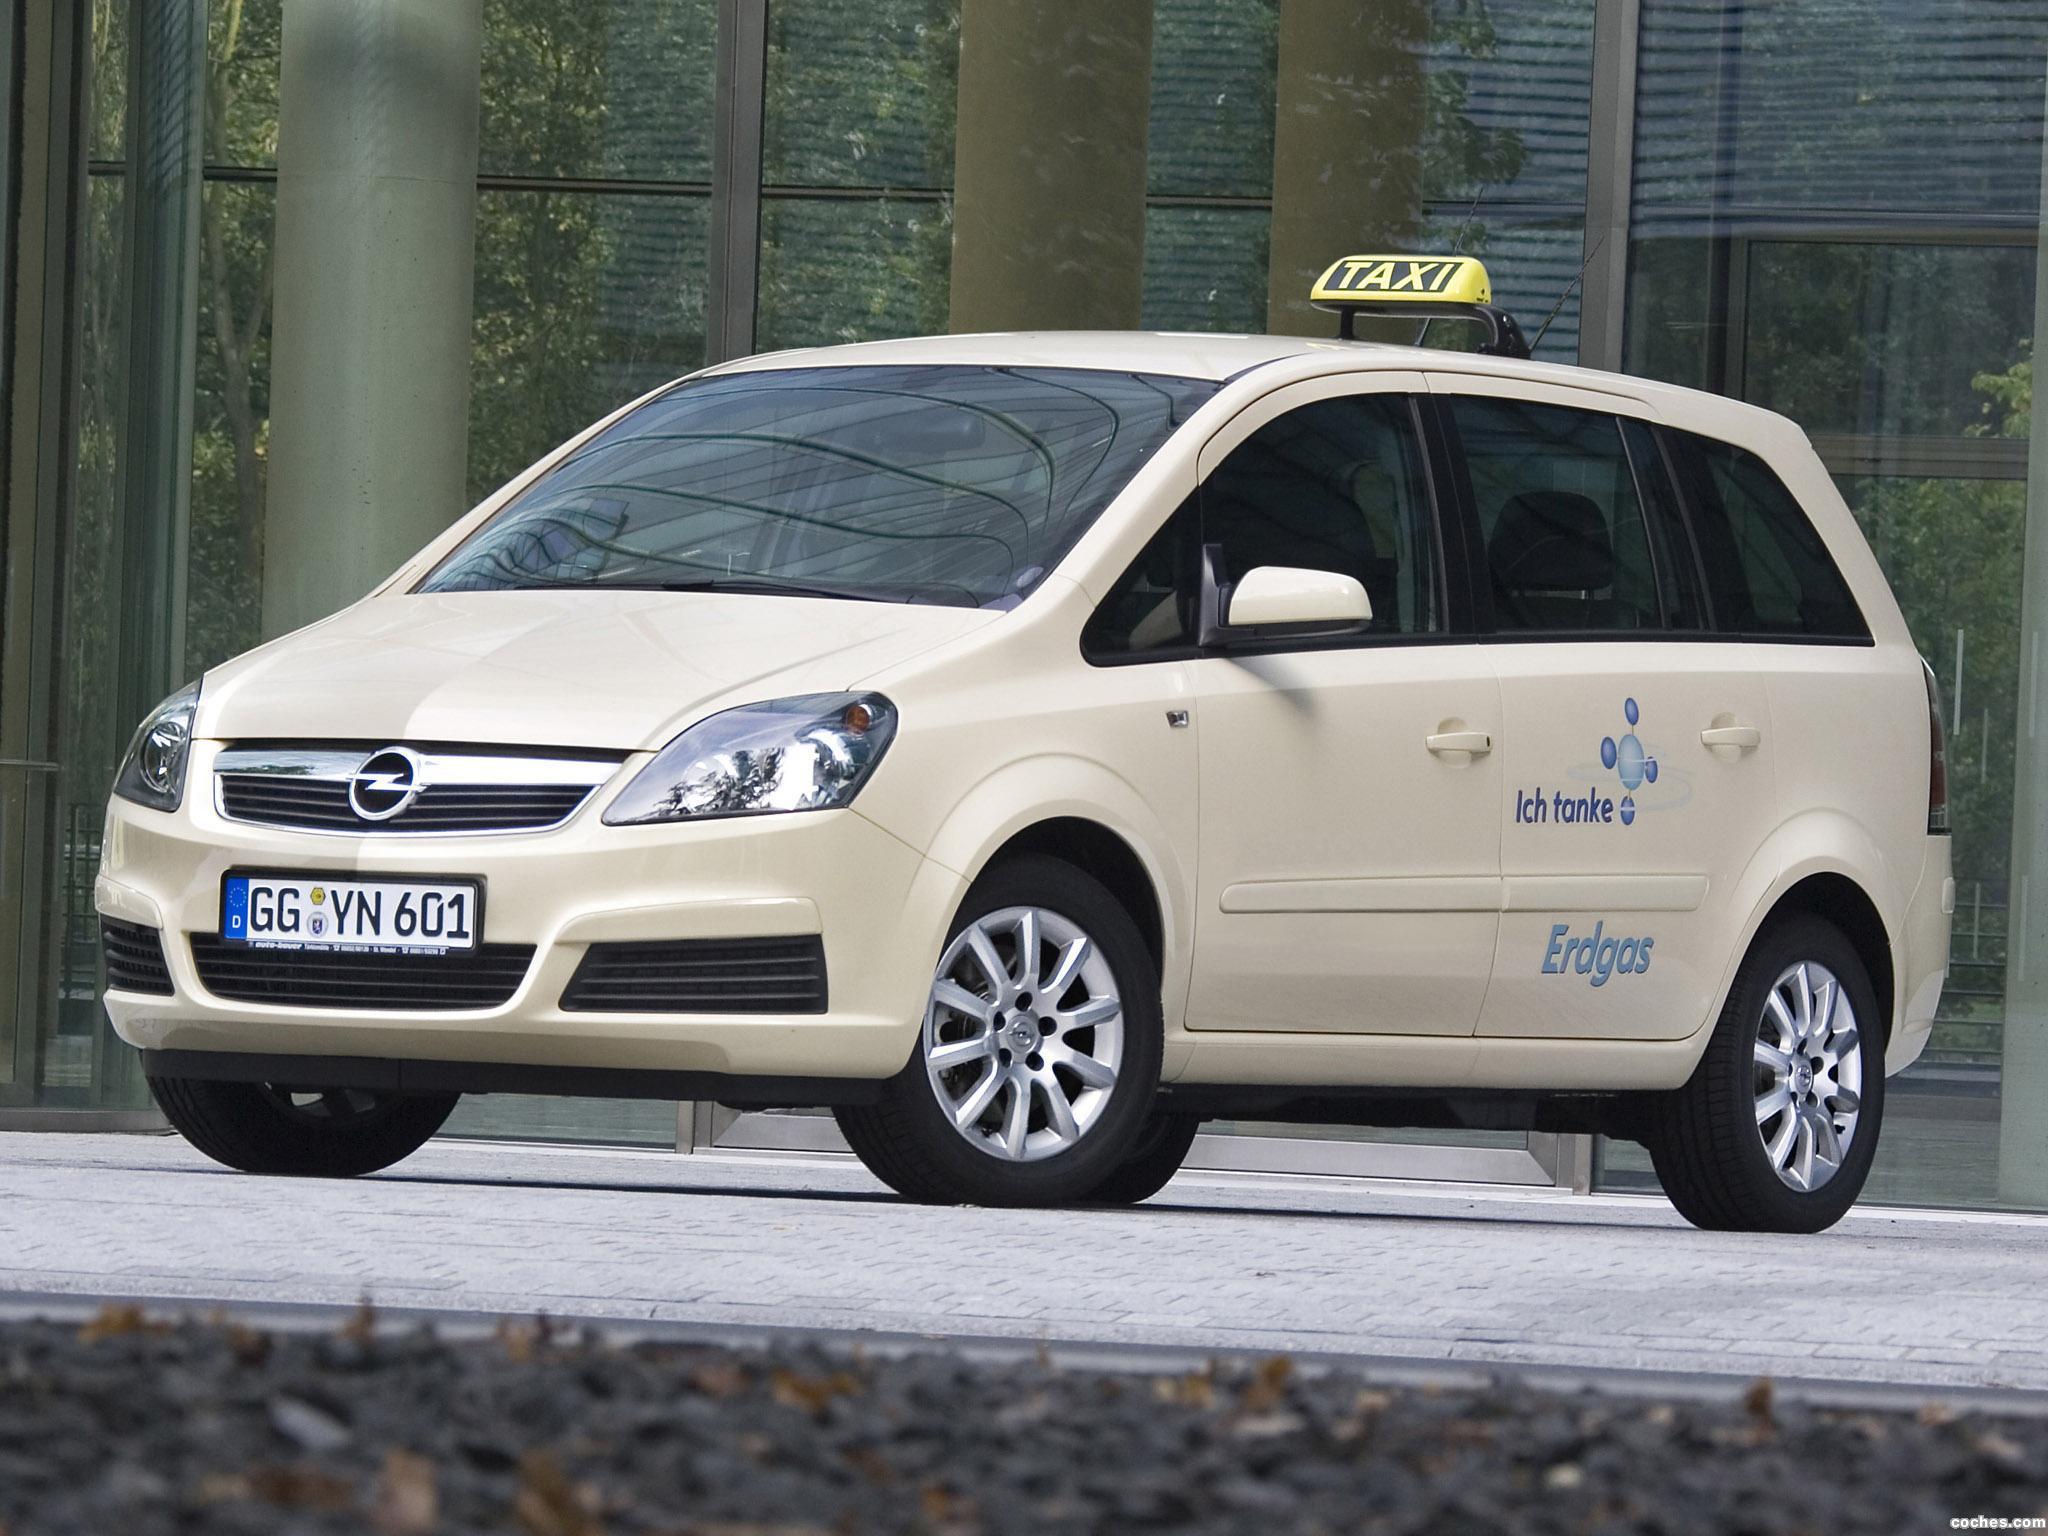 Foto 0 de Opel Zafira CNG Taxi 2005